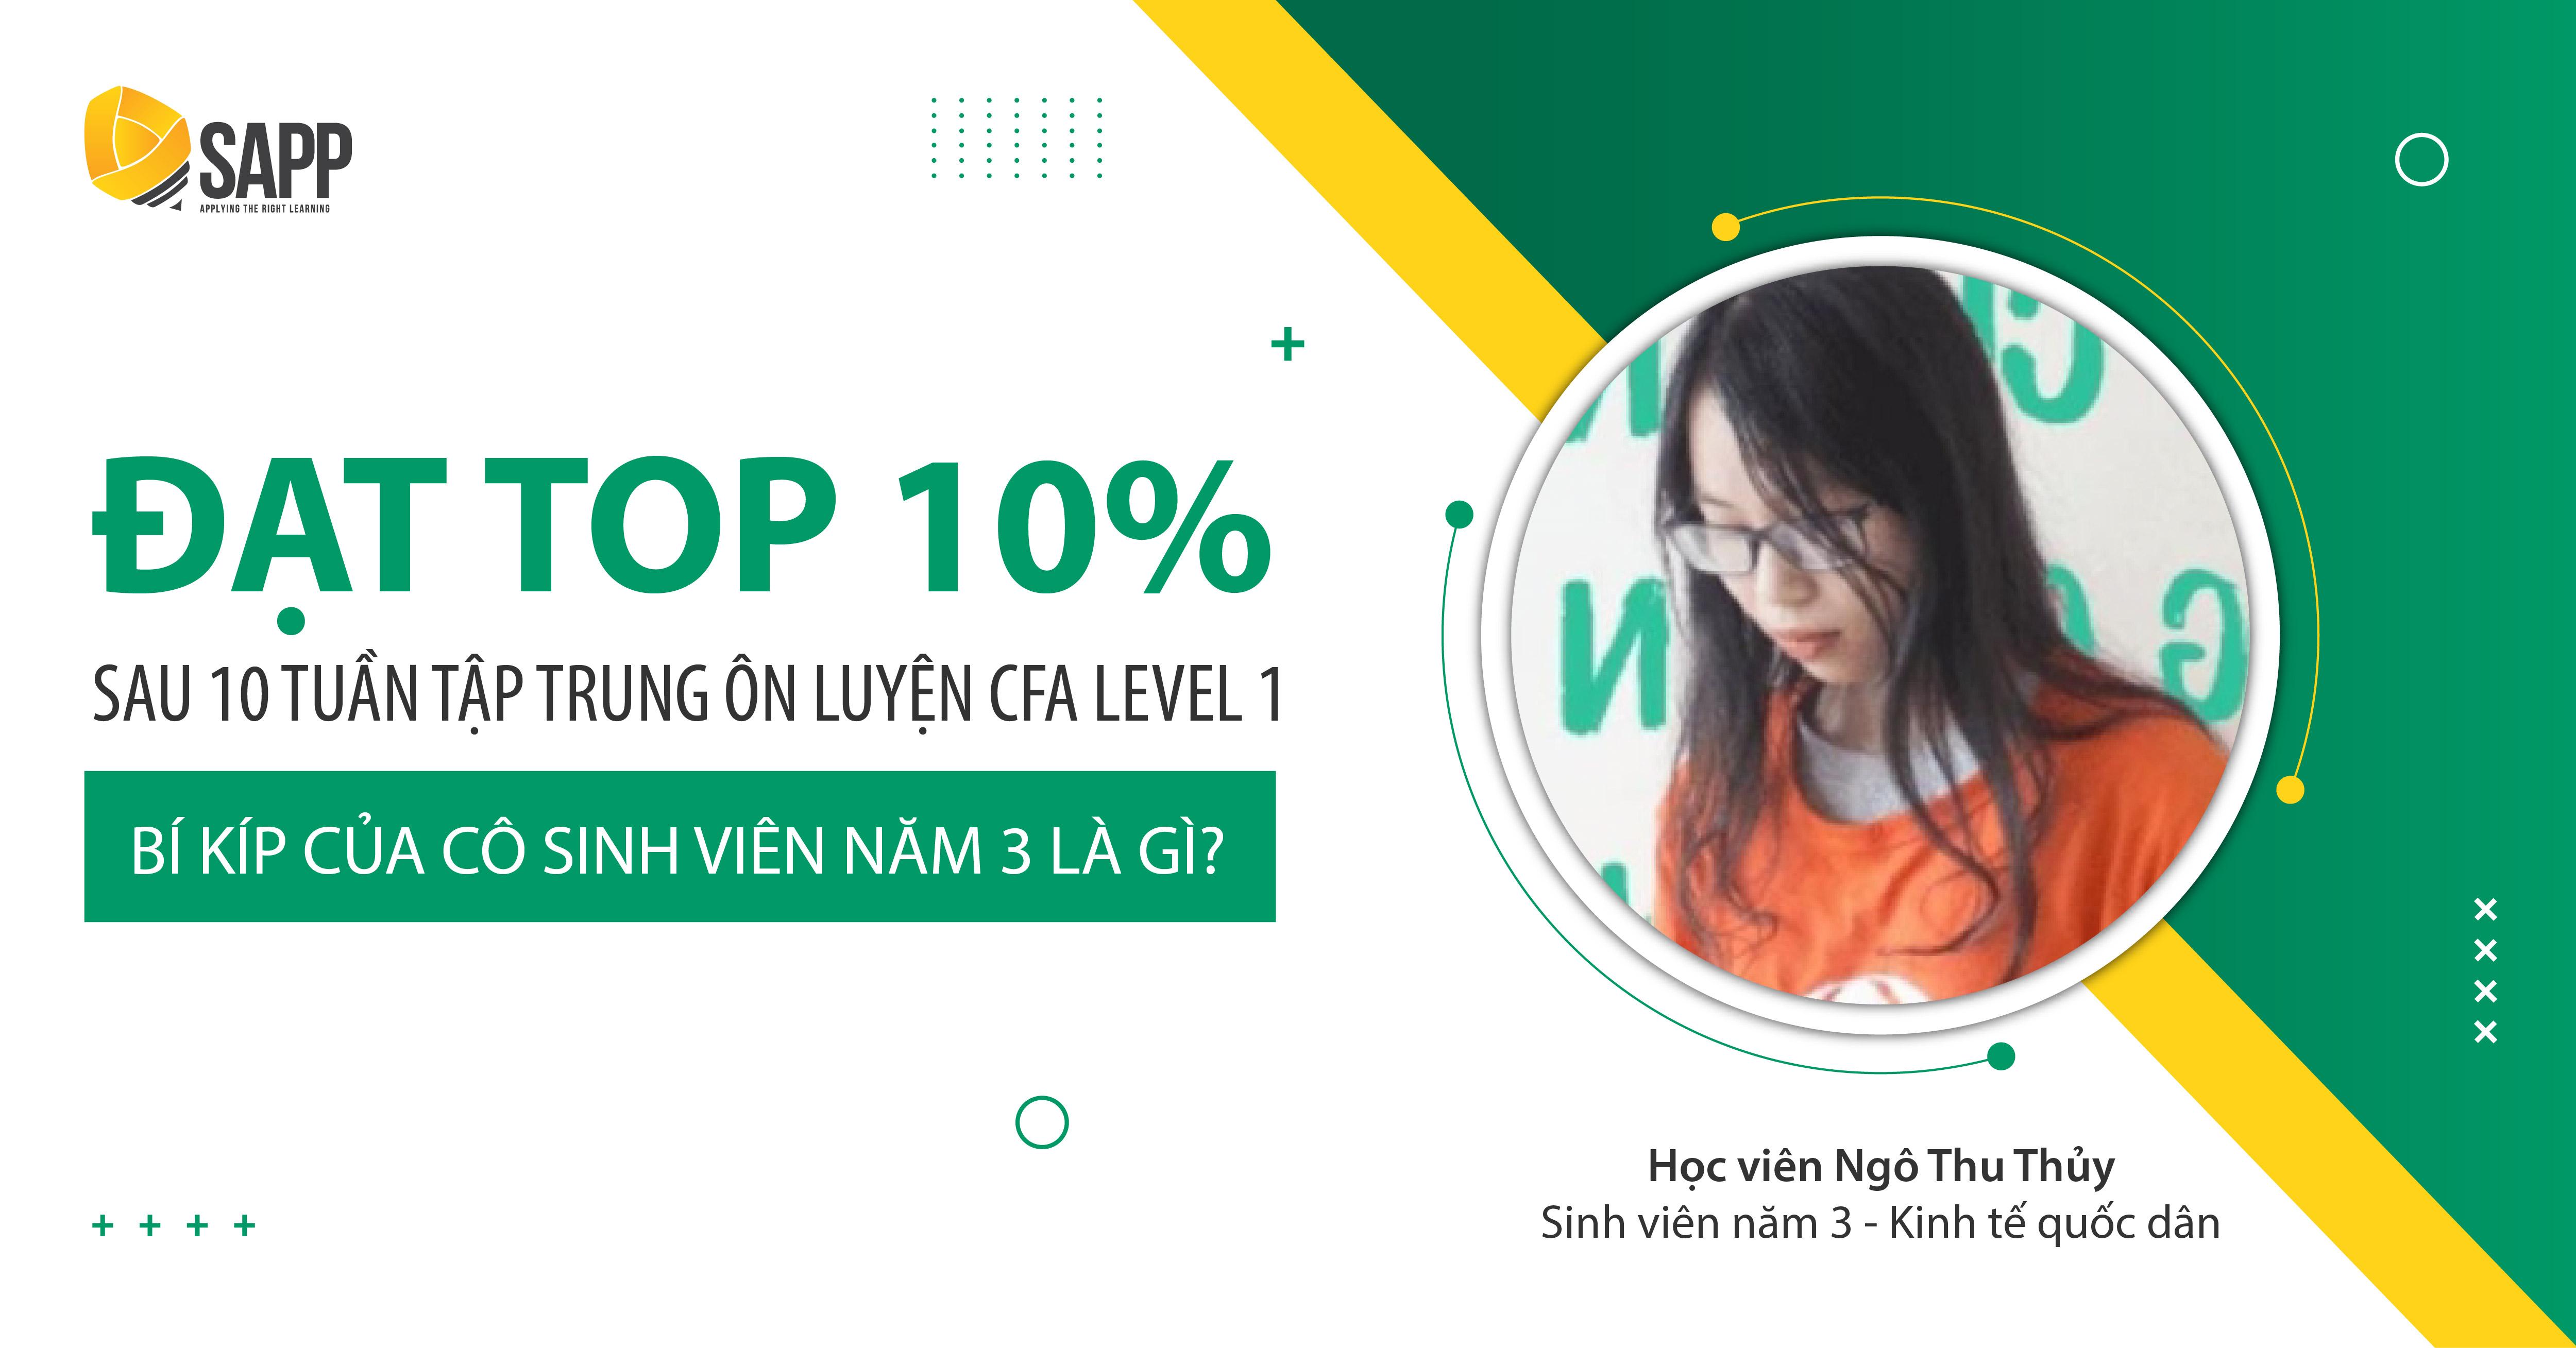 Đạt Top 10% Sau 10 Tuần Tập Trung Ôn Luyện CFA Level 1 - Bí Kíp Của Cô Sinh Viên Năm 3 Là Gì?